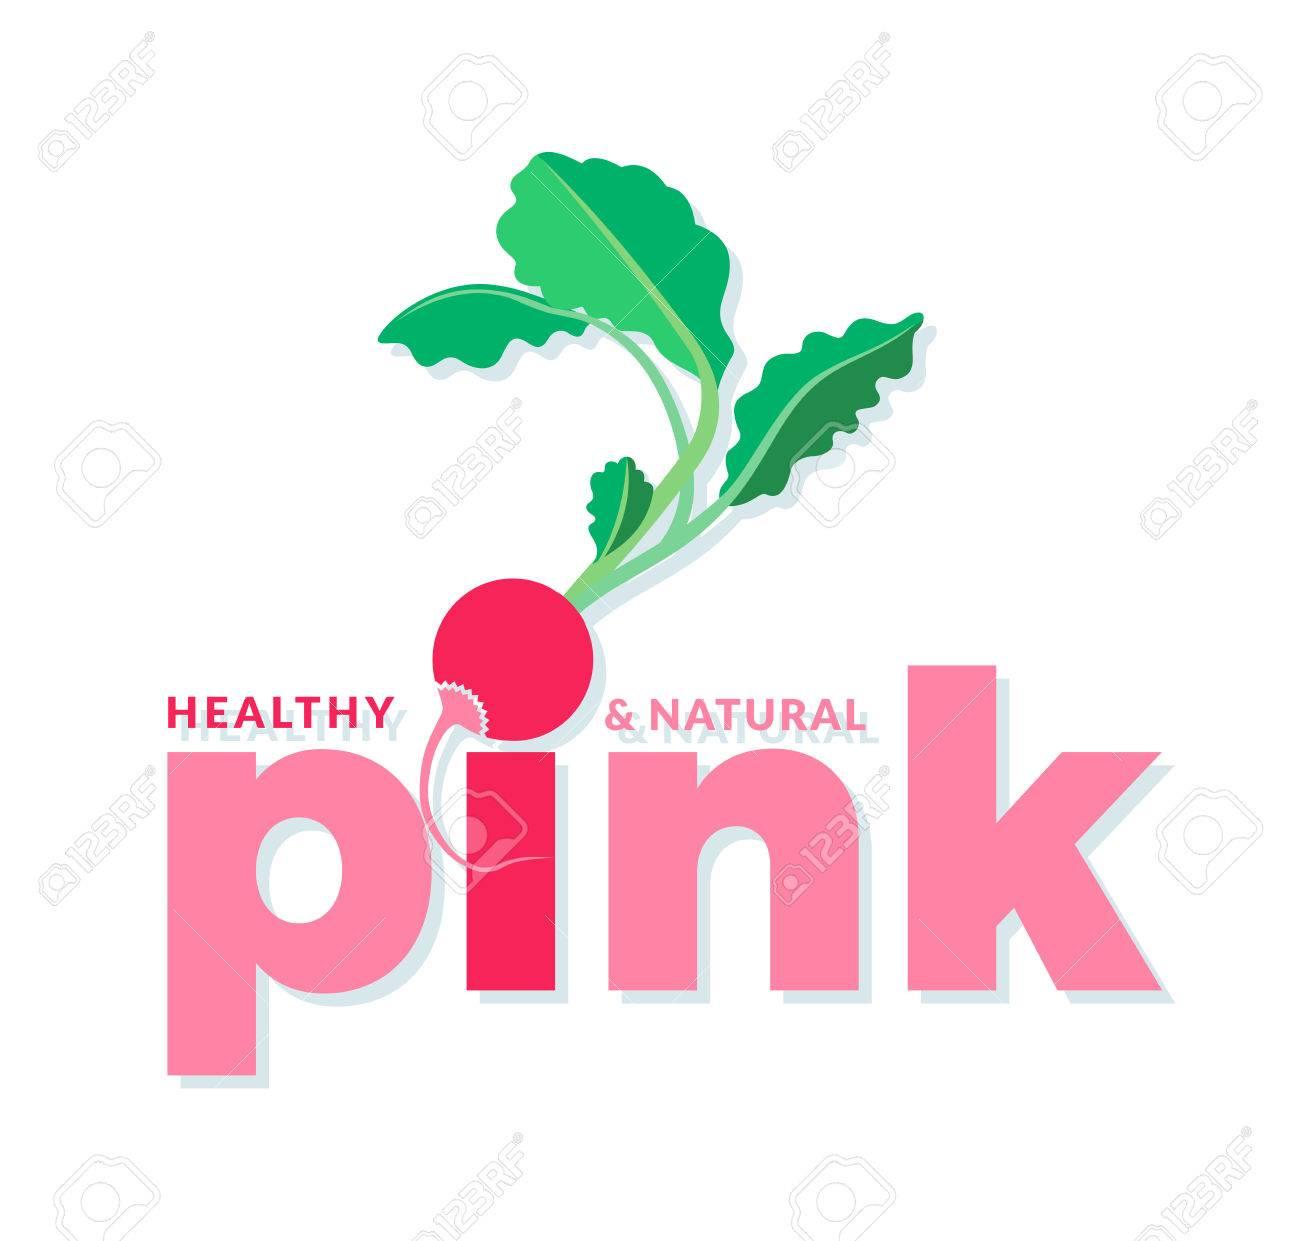 elementos de color rosa y verde del logotipo con la palabra rosa